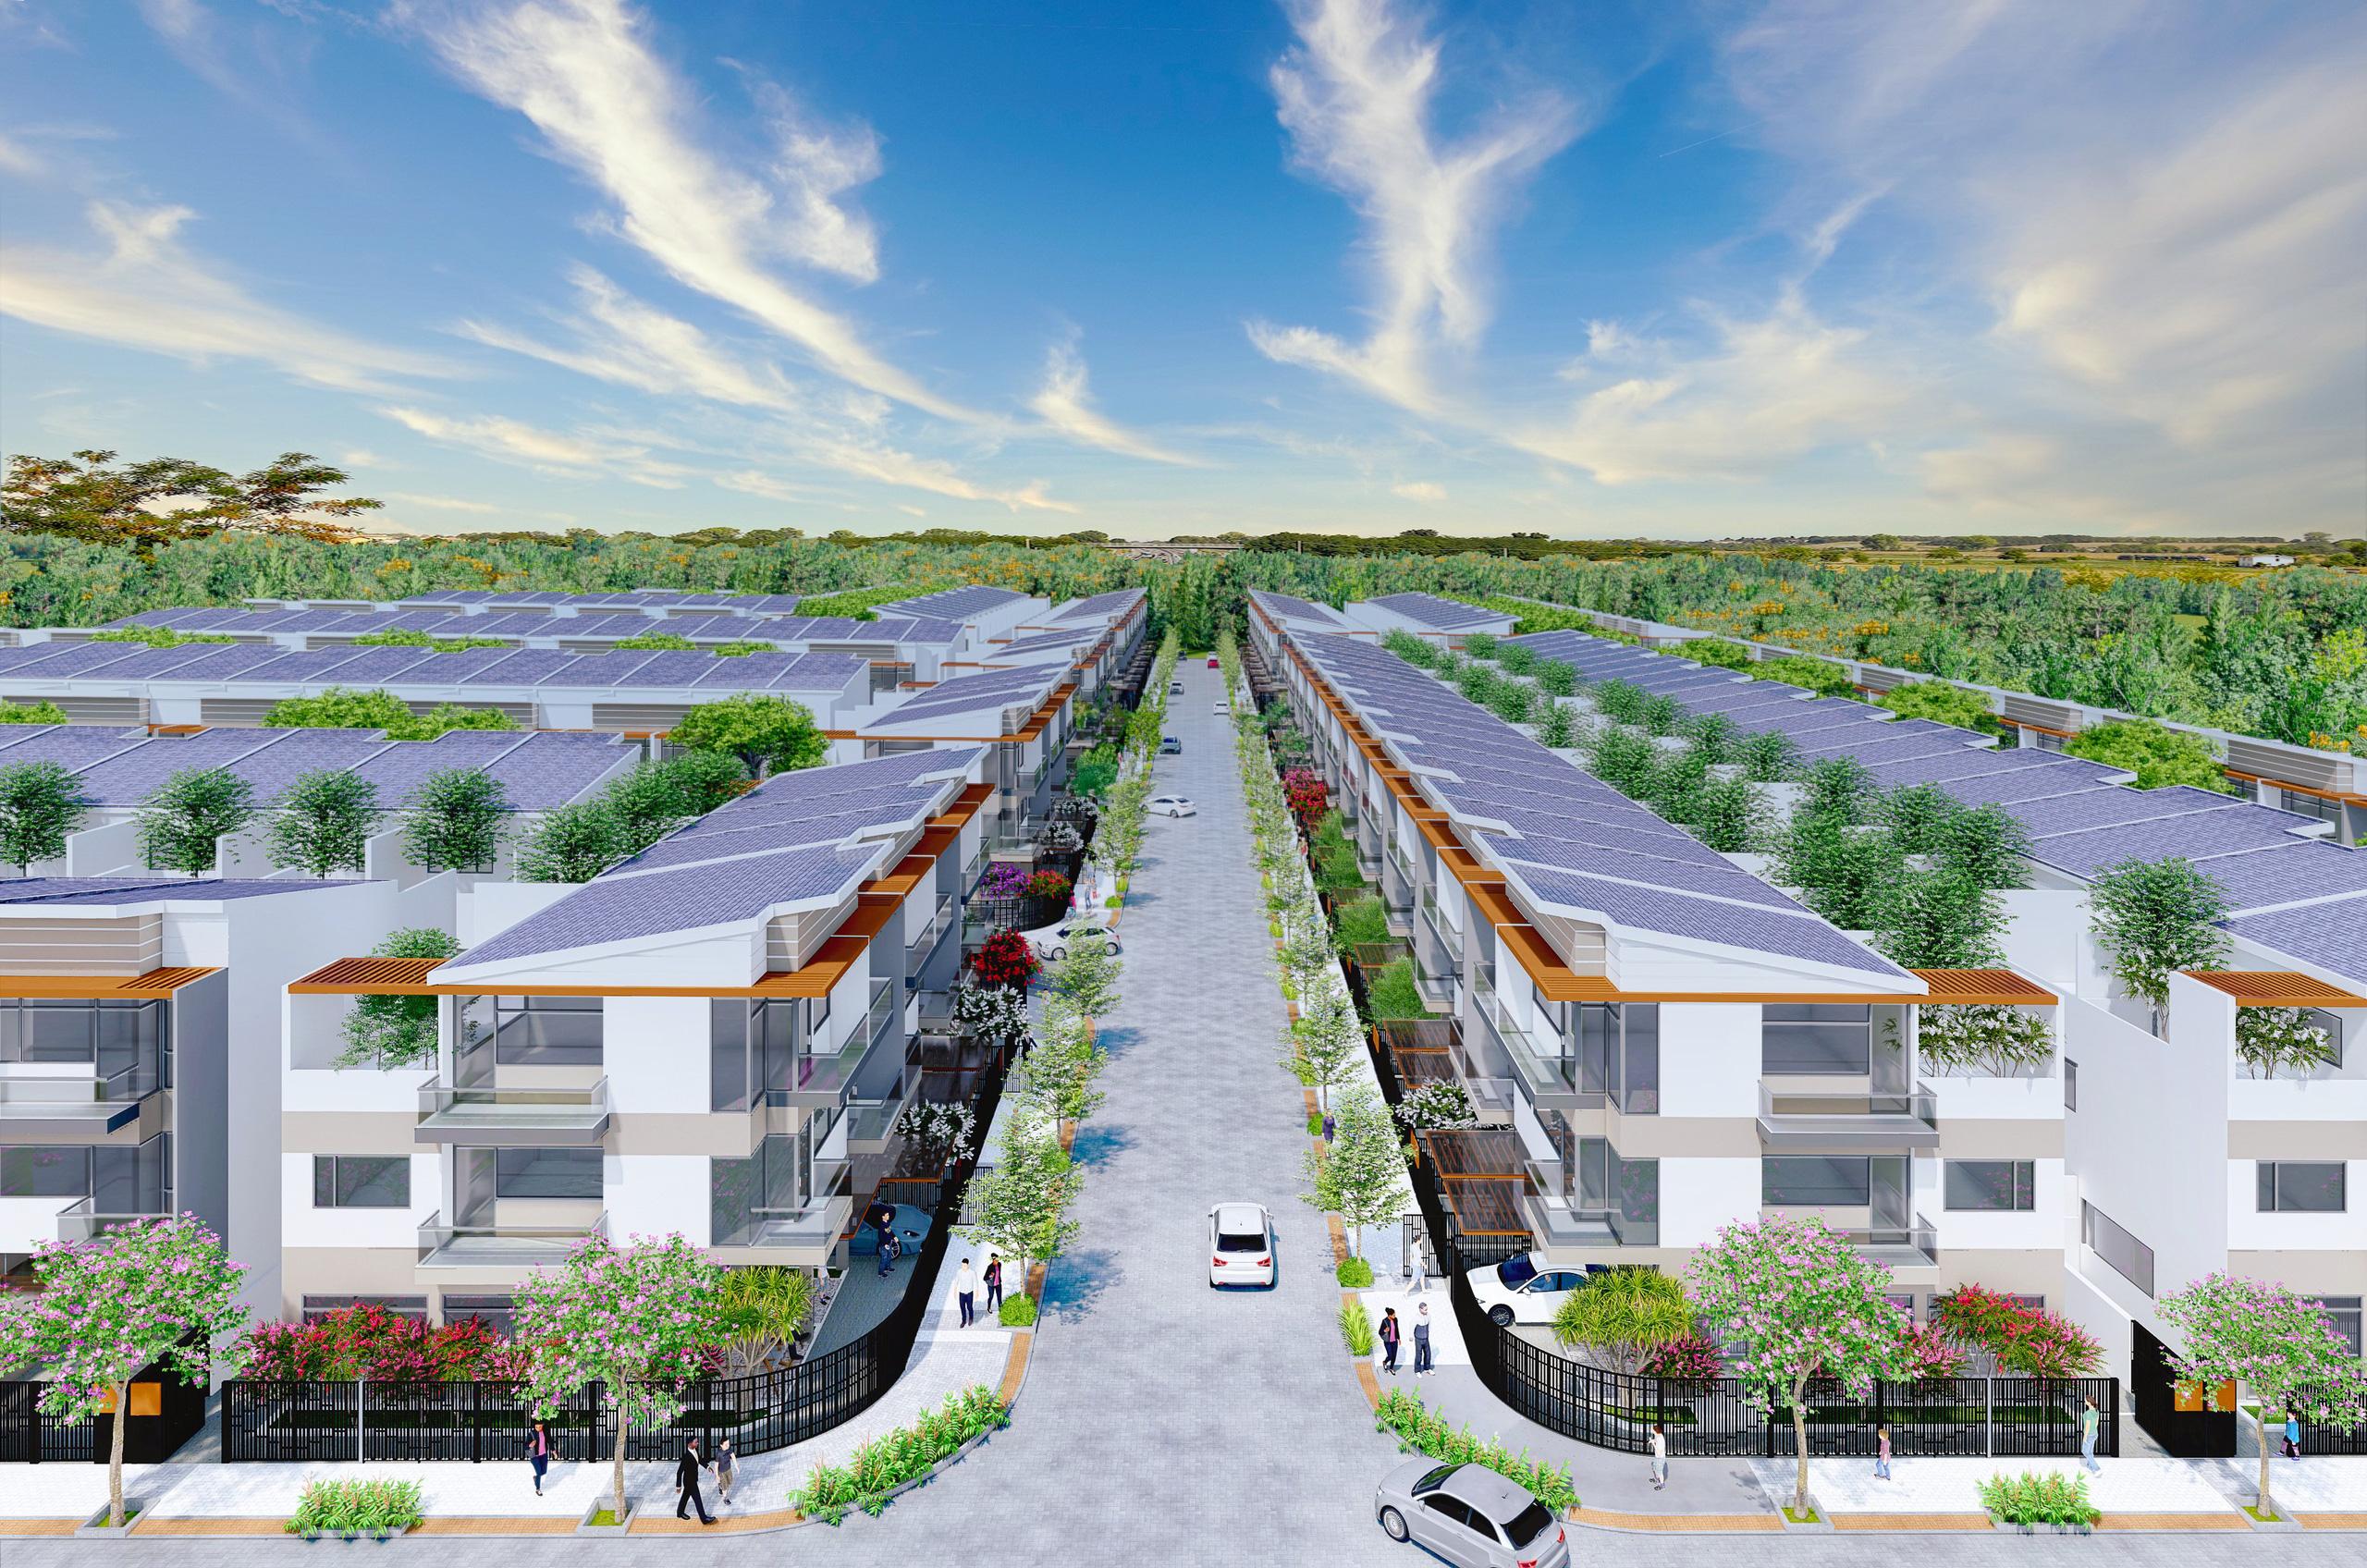 Bất động sản Cần Giuộc hưởng lợi kép nhờ sóng đầu tư hạ tầng và khu công nghiệp đổ bộ - Ảnh 2.